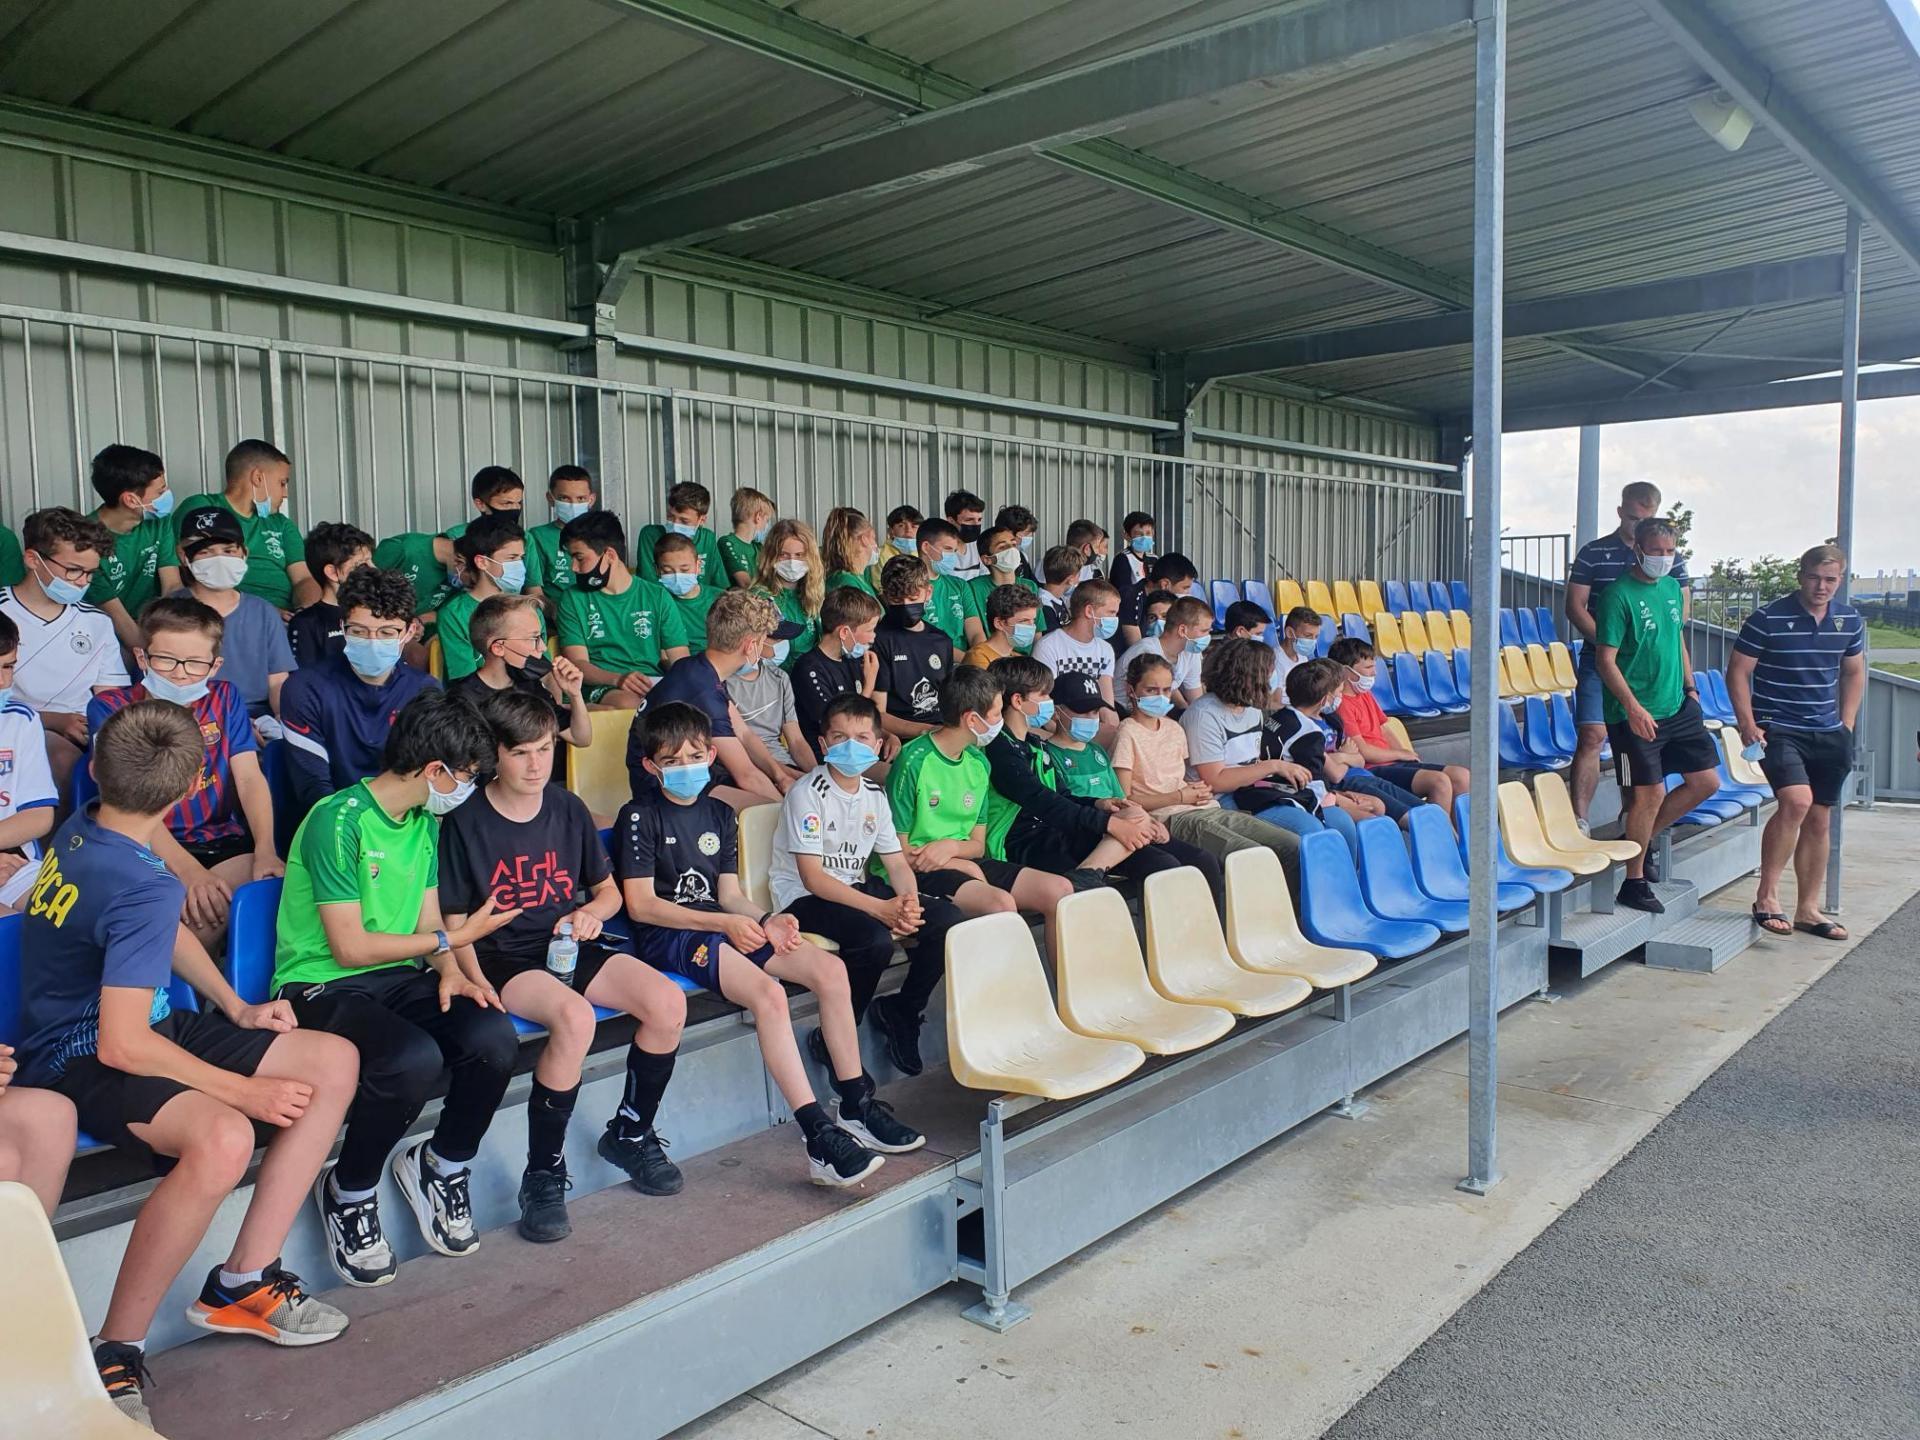 Visite du centre de formation partagé de l'ASM et du Clermont Foot pour les élèves de 6ème et 5ème de la section football du collège